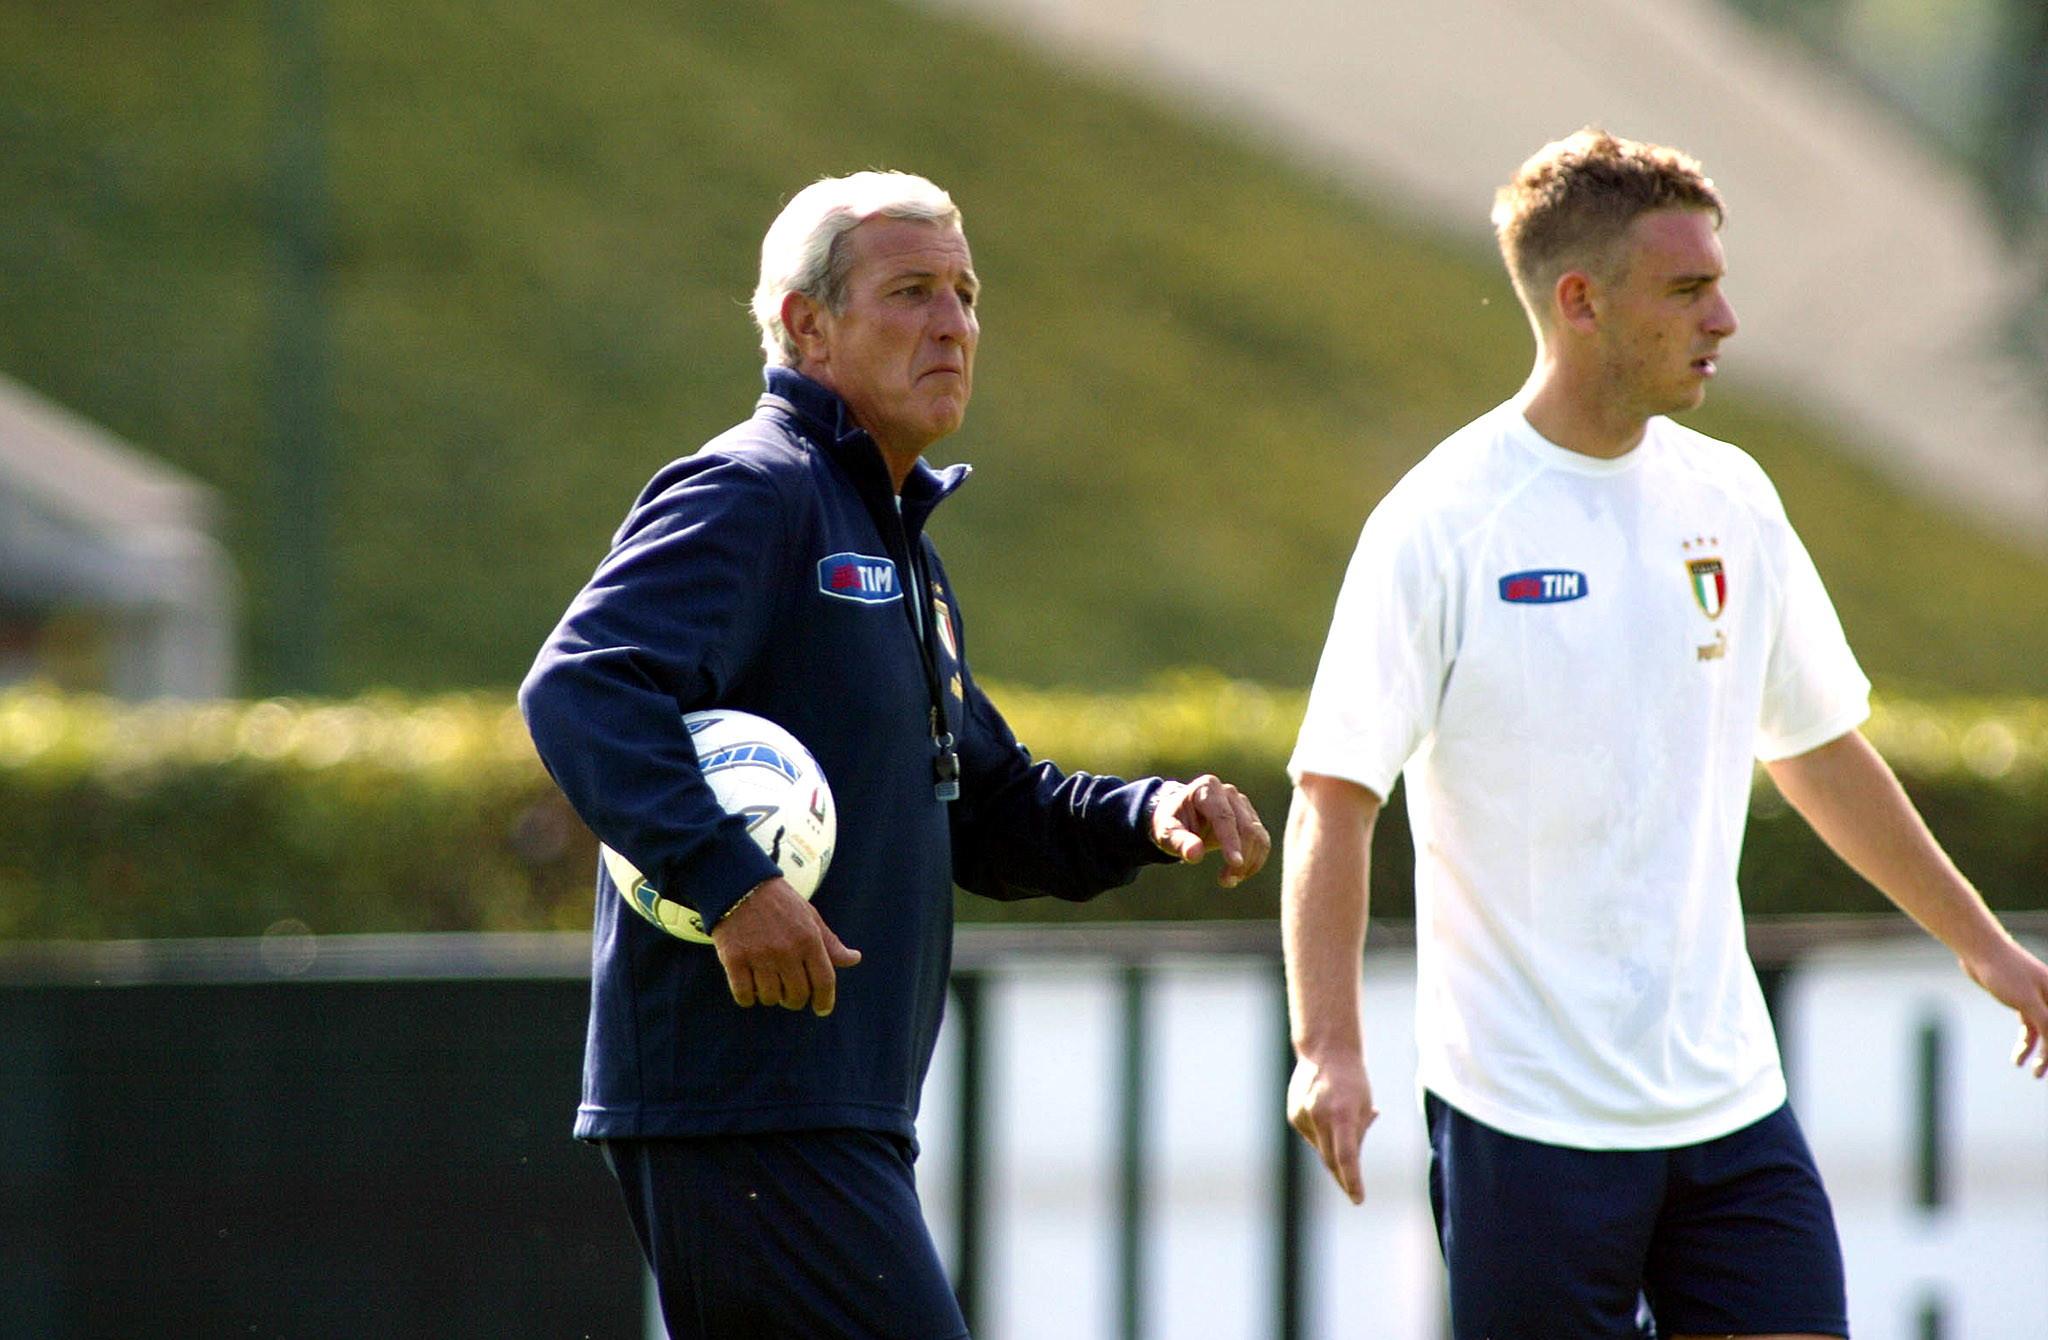 Daniele De Rossi torna in Nazionale nello staff tecnico di Roberto Mancini. L&#39;ex Roma ha vestito la casacca dell&#39;Italia in 117 occasioni, vincendo il Mondiale del 2006 e raggiungendo la finale a Euro 2012.&nbsp;<br /><br />